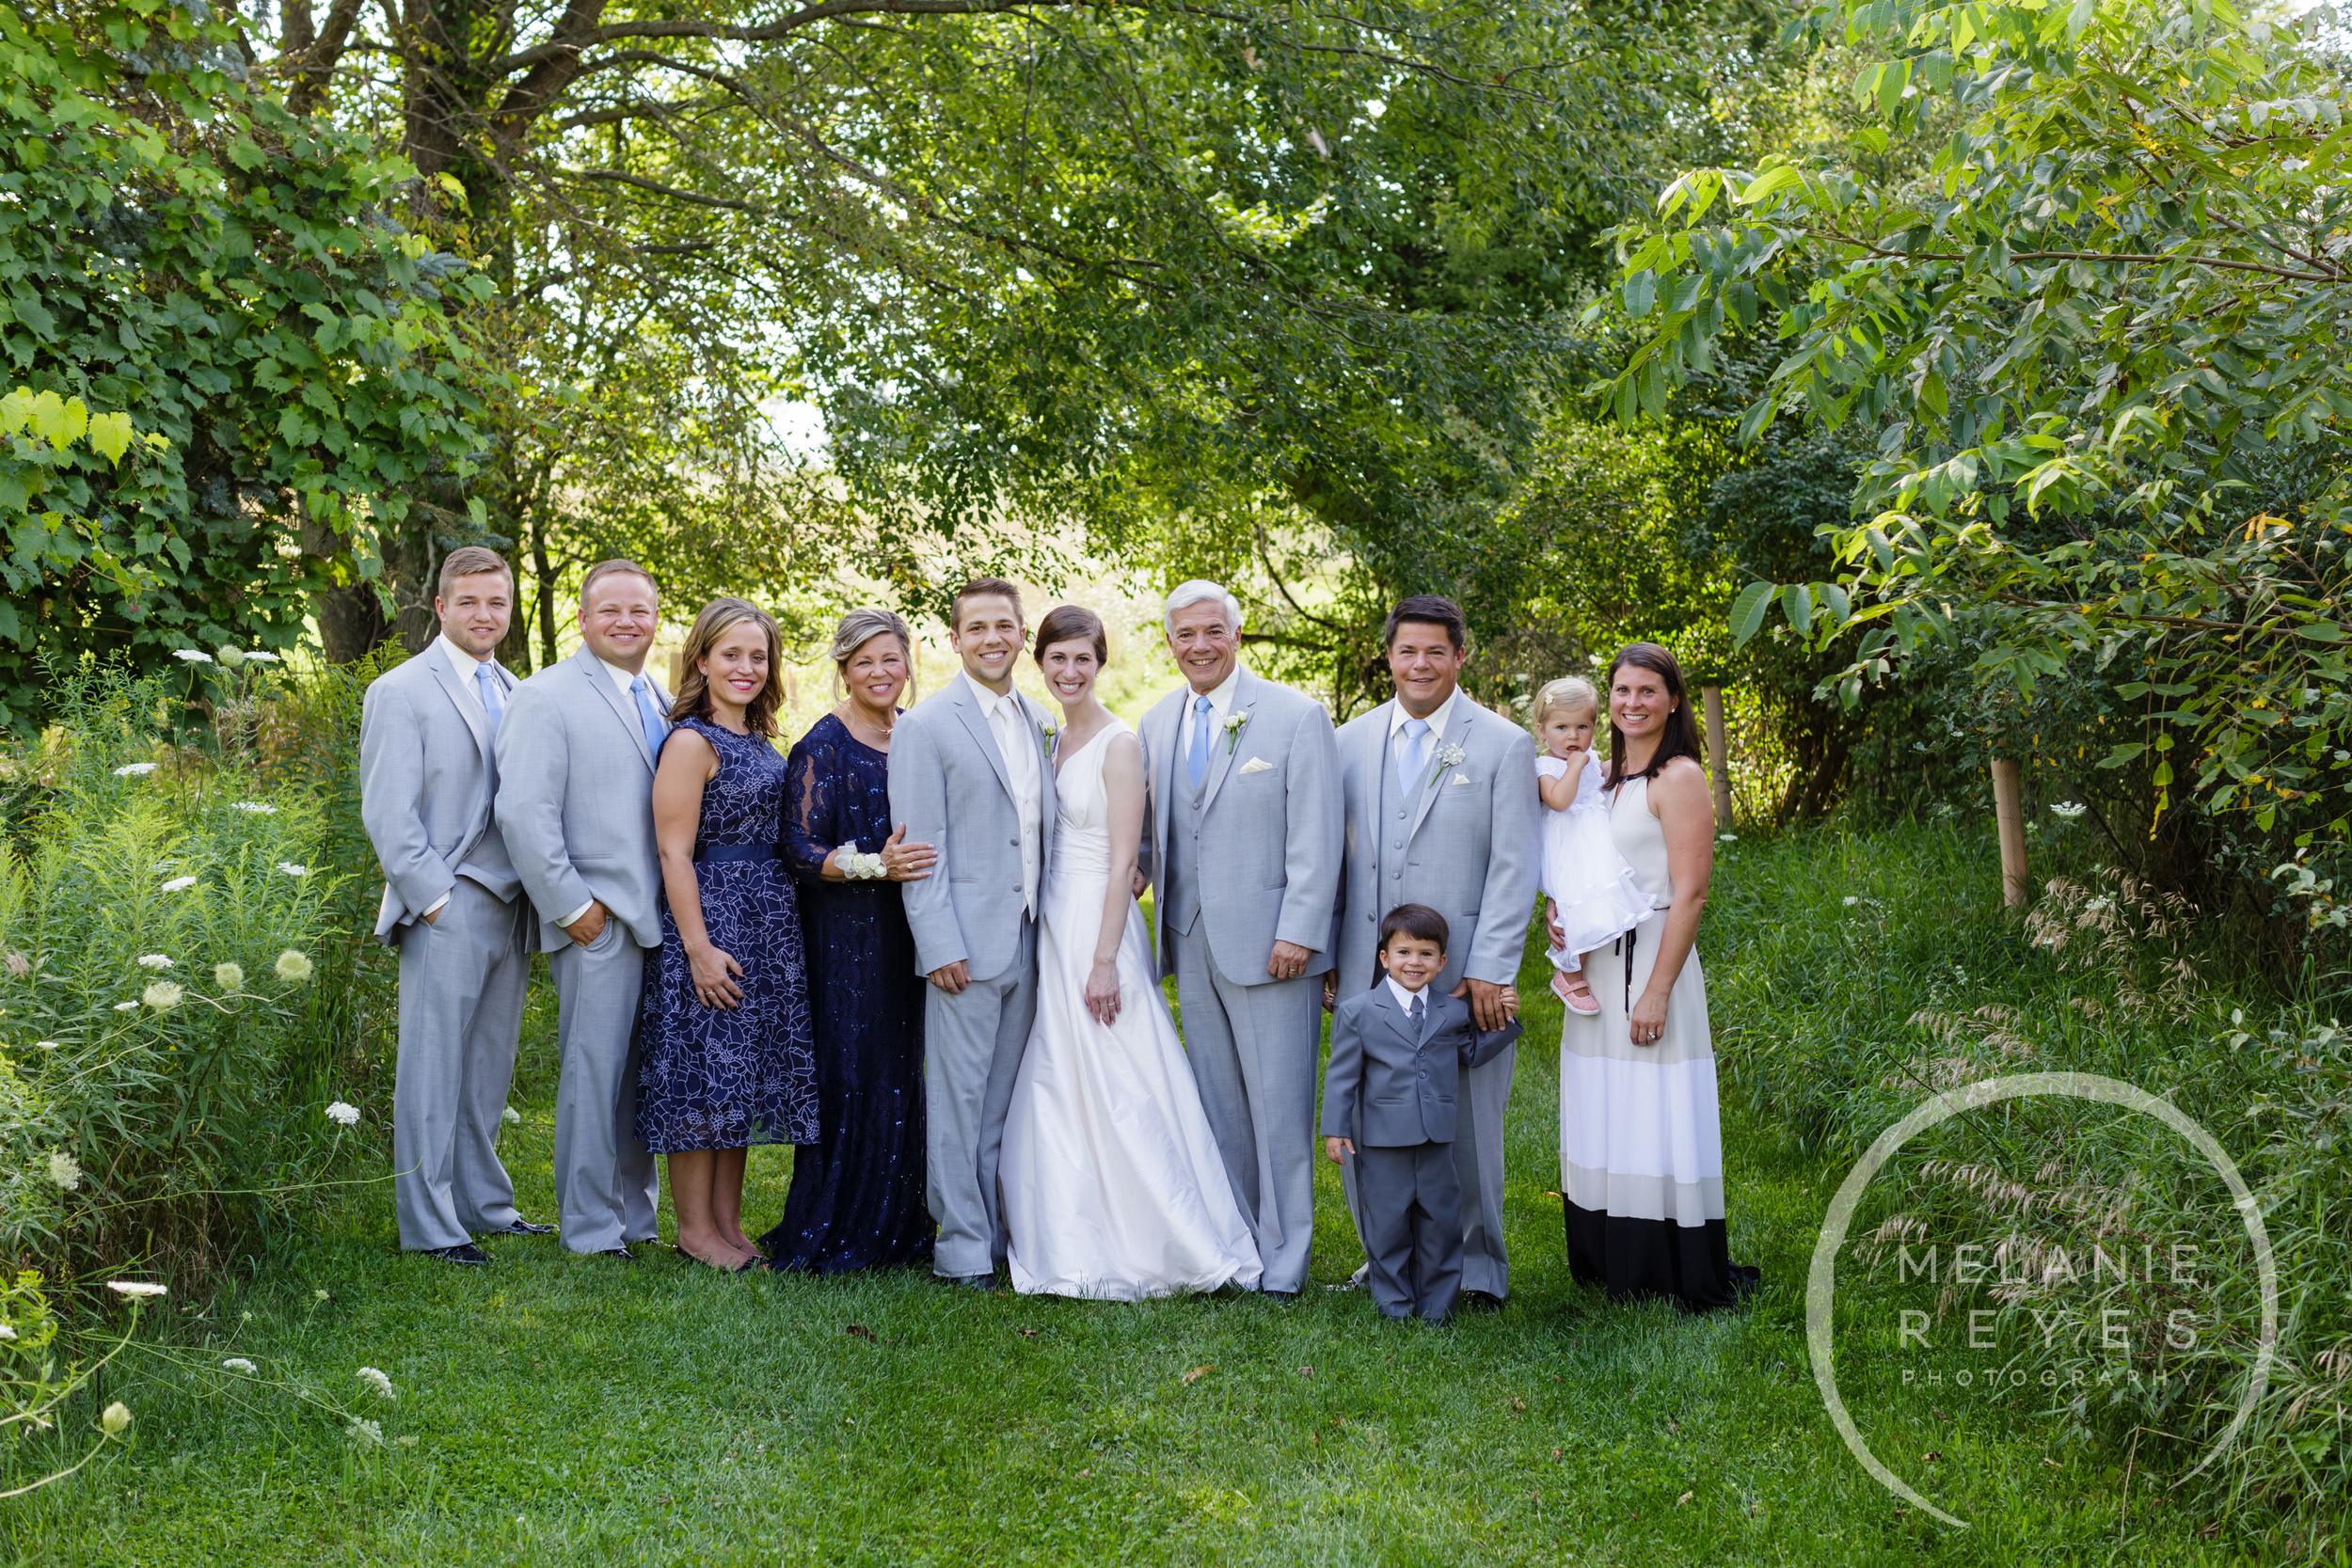 038_farm_wedding_melanie_reyes.JPG